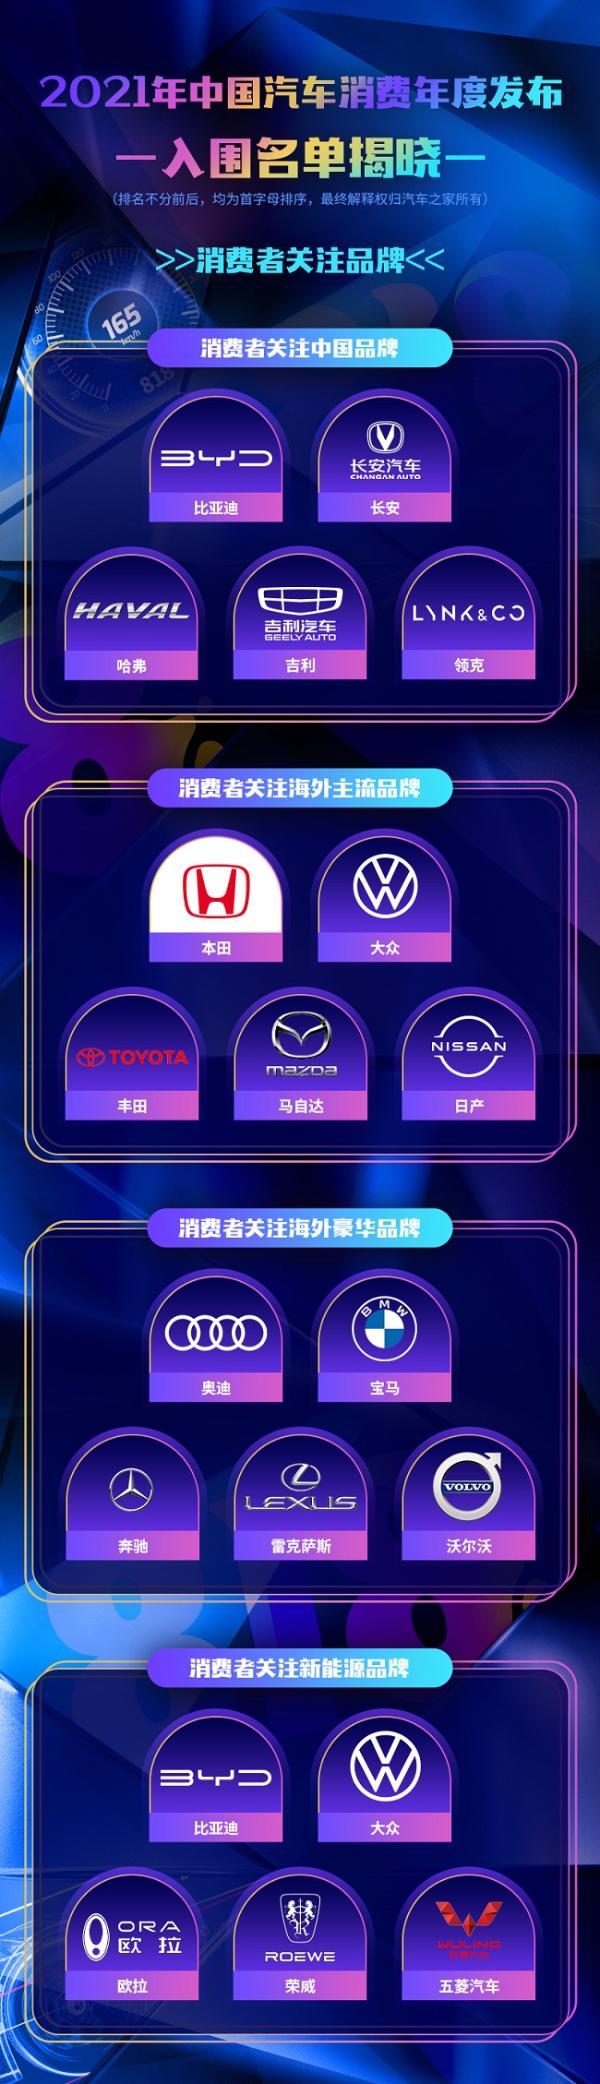 """汽车之家倾力推出 """"2021中国汽车消费年度发布"""" 入围名单正式揭晓"""